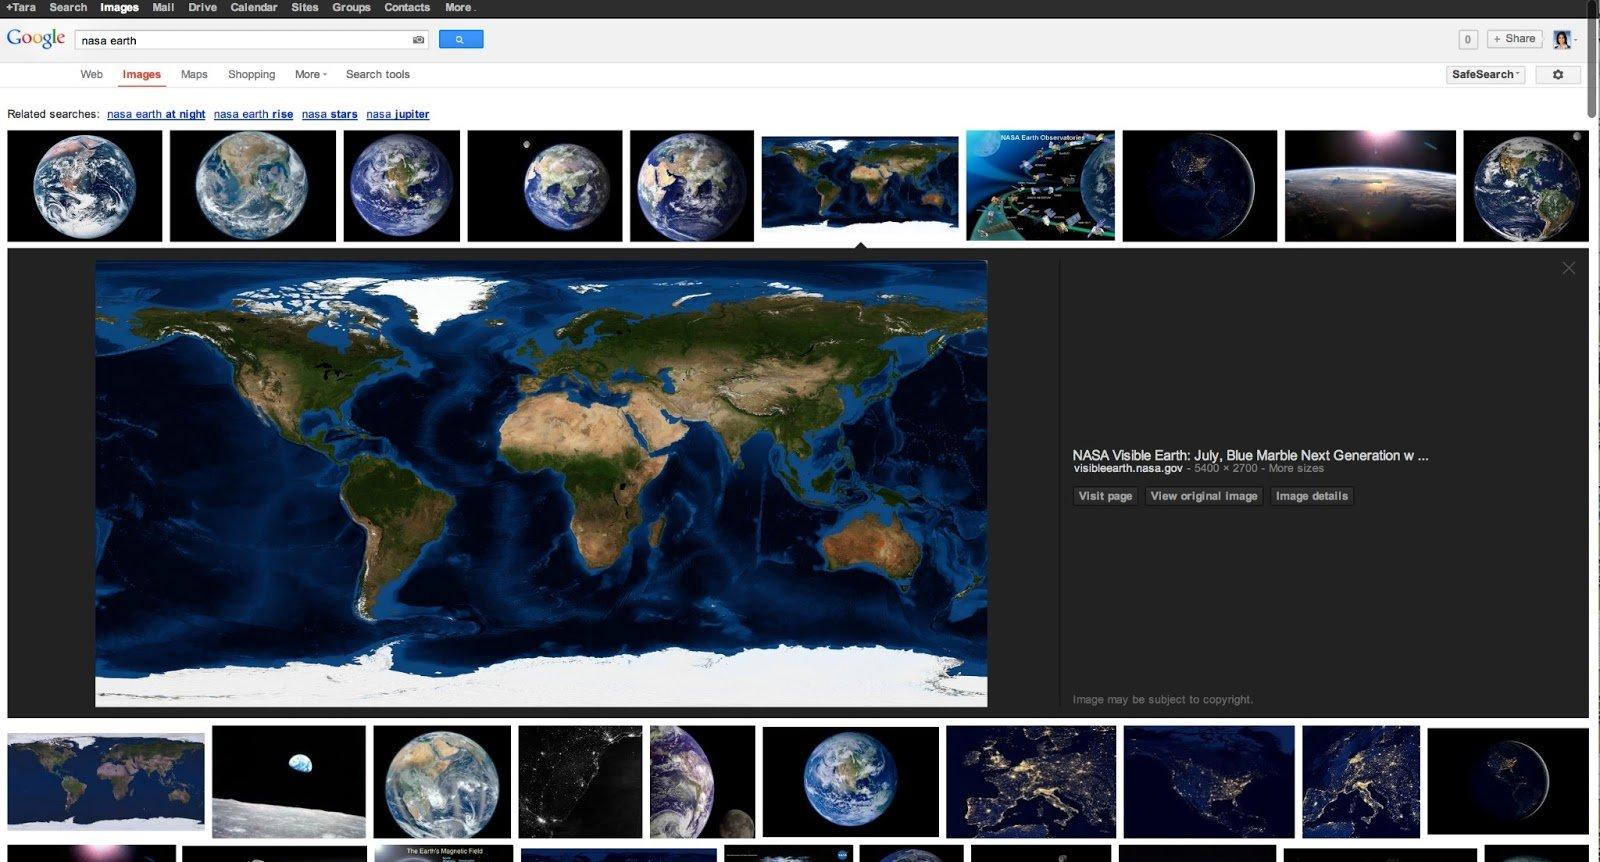 Bilder-Panel der Google Suche